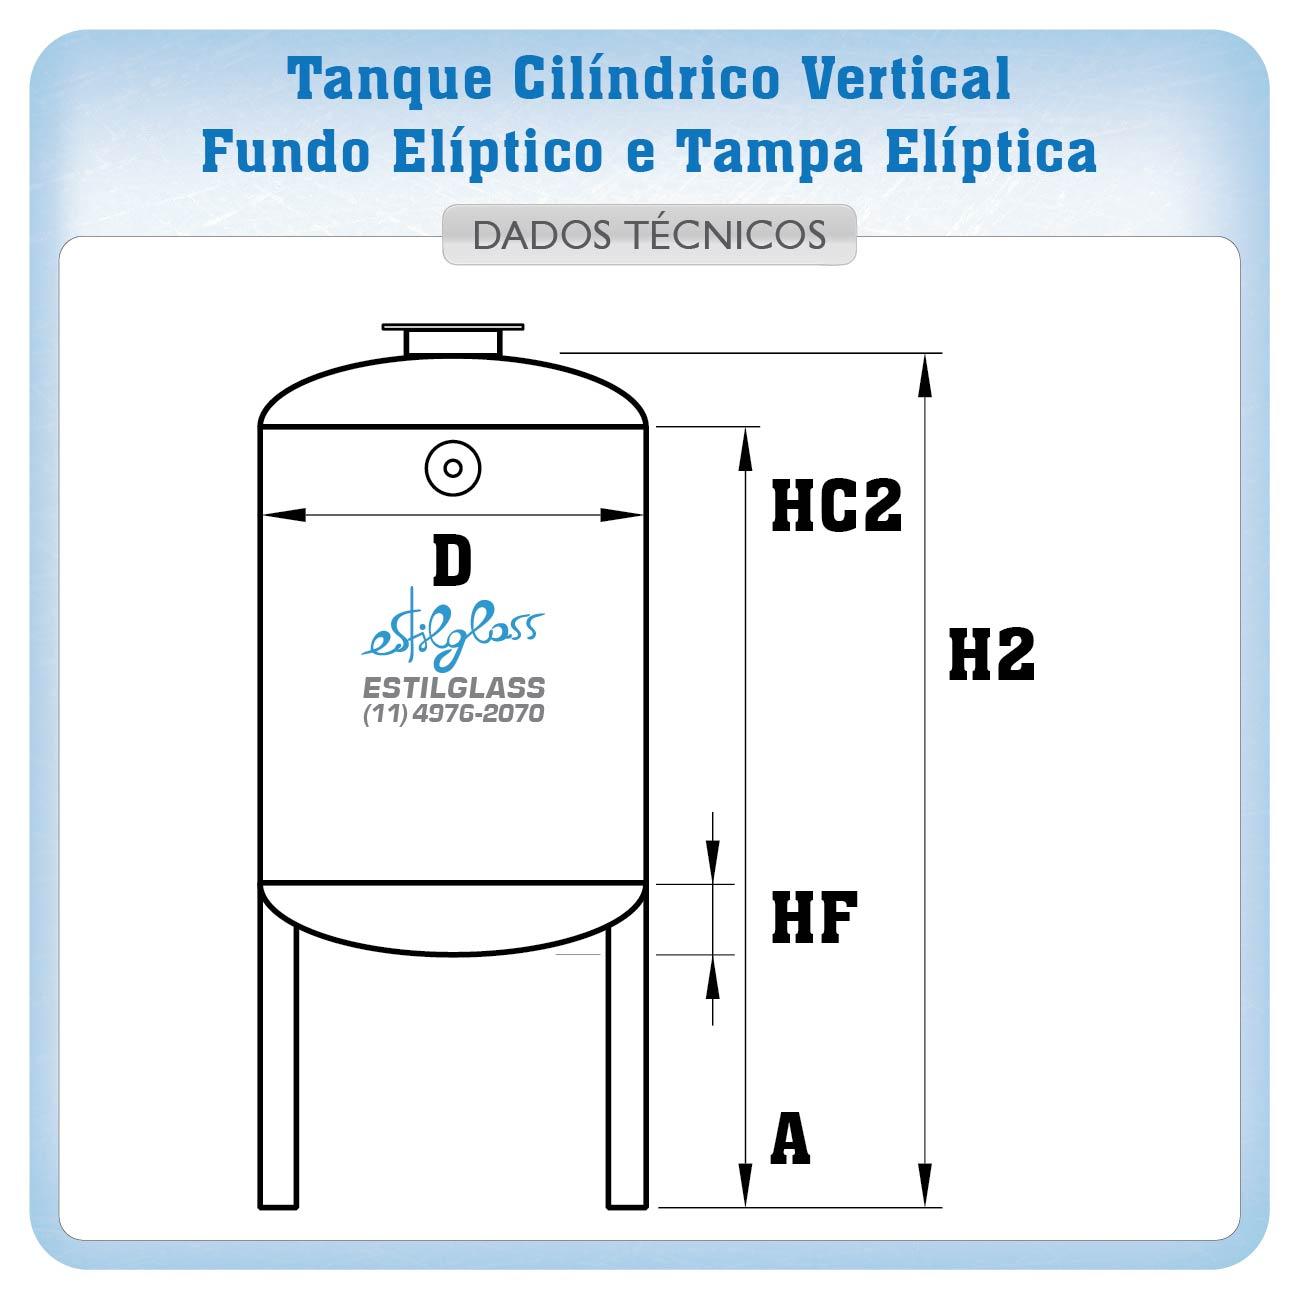 Tanque Vertical de Fibra de Vidro - PRFV - com Fundo Elíptico e Tampa Elíptica